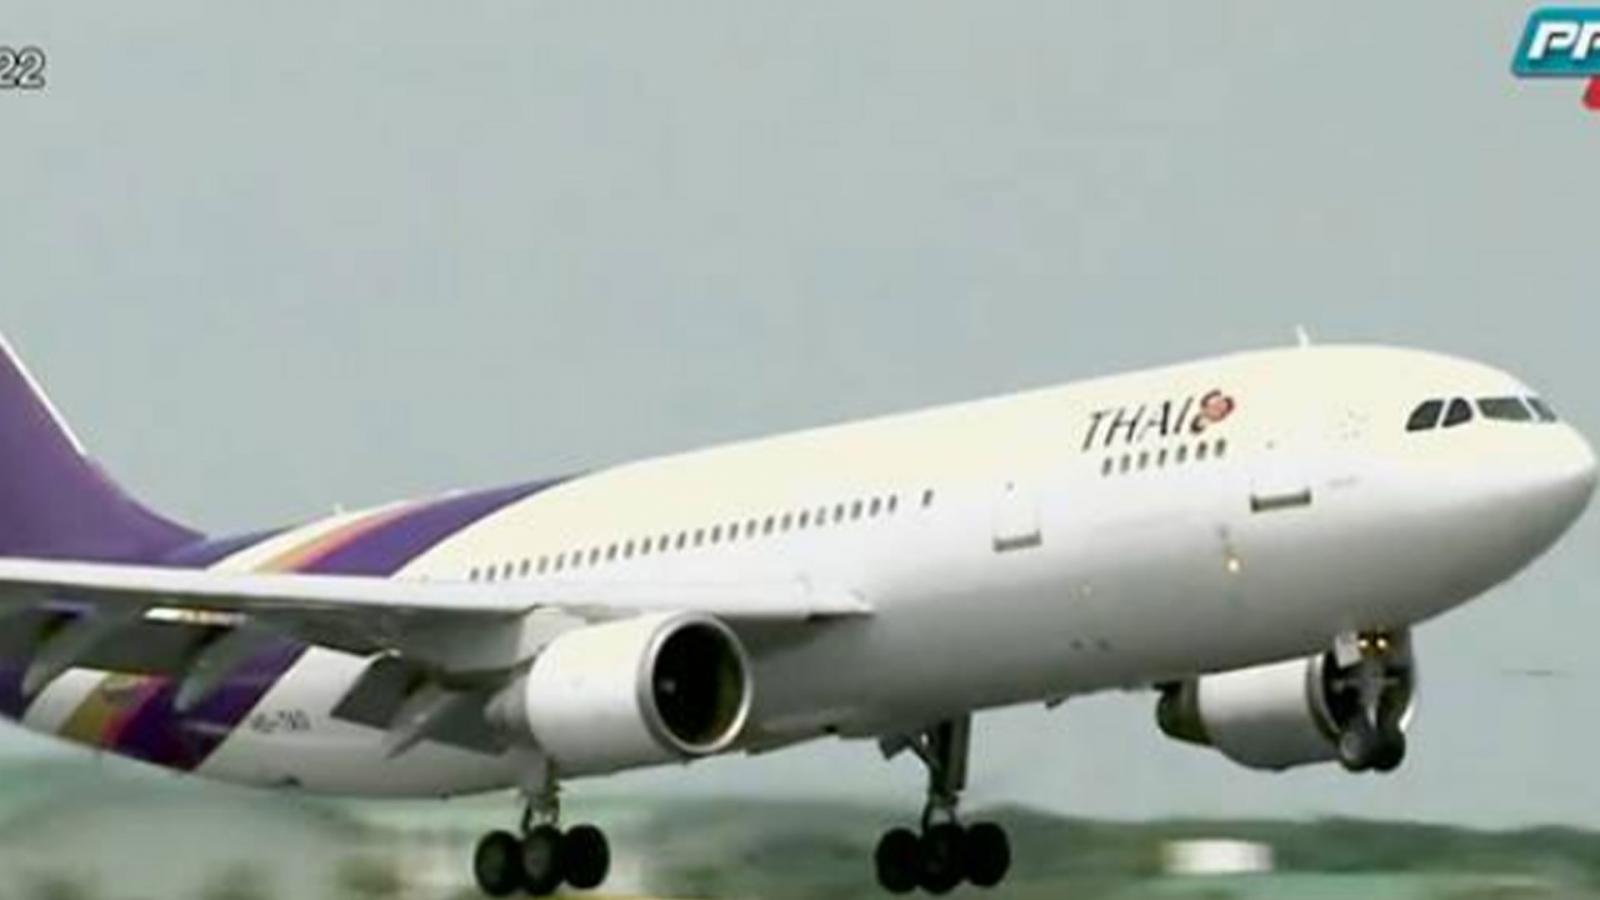 การบินไทย เร่งส่งผู้โดยสารตกค้าง หลังสนามบินนาริตะประกาศเปิดทำการ